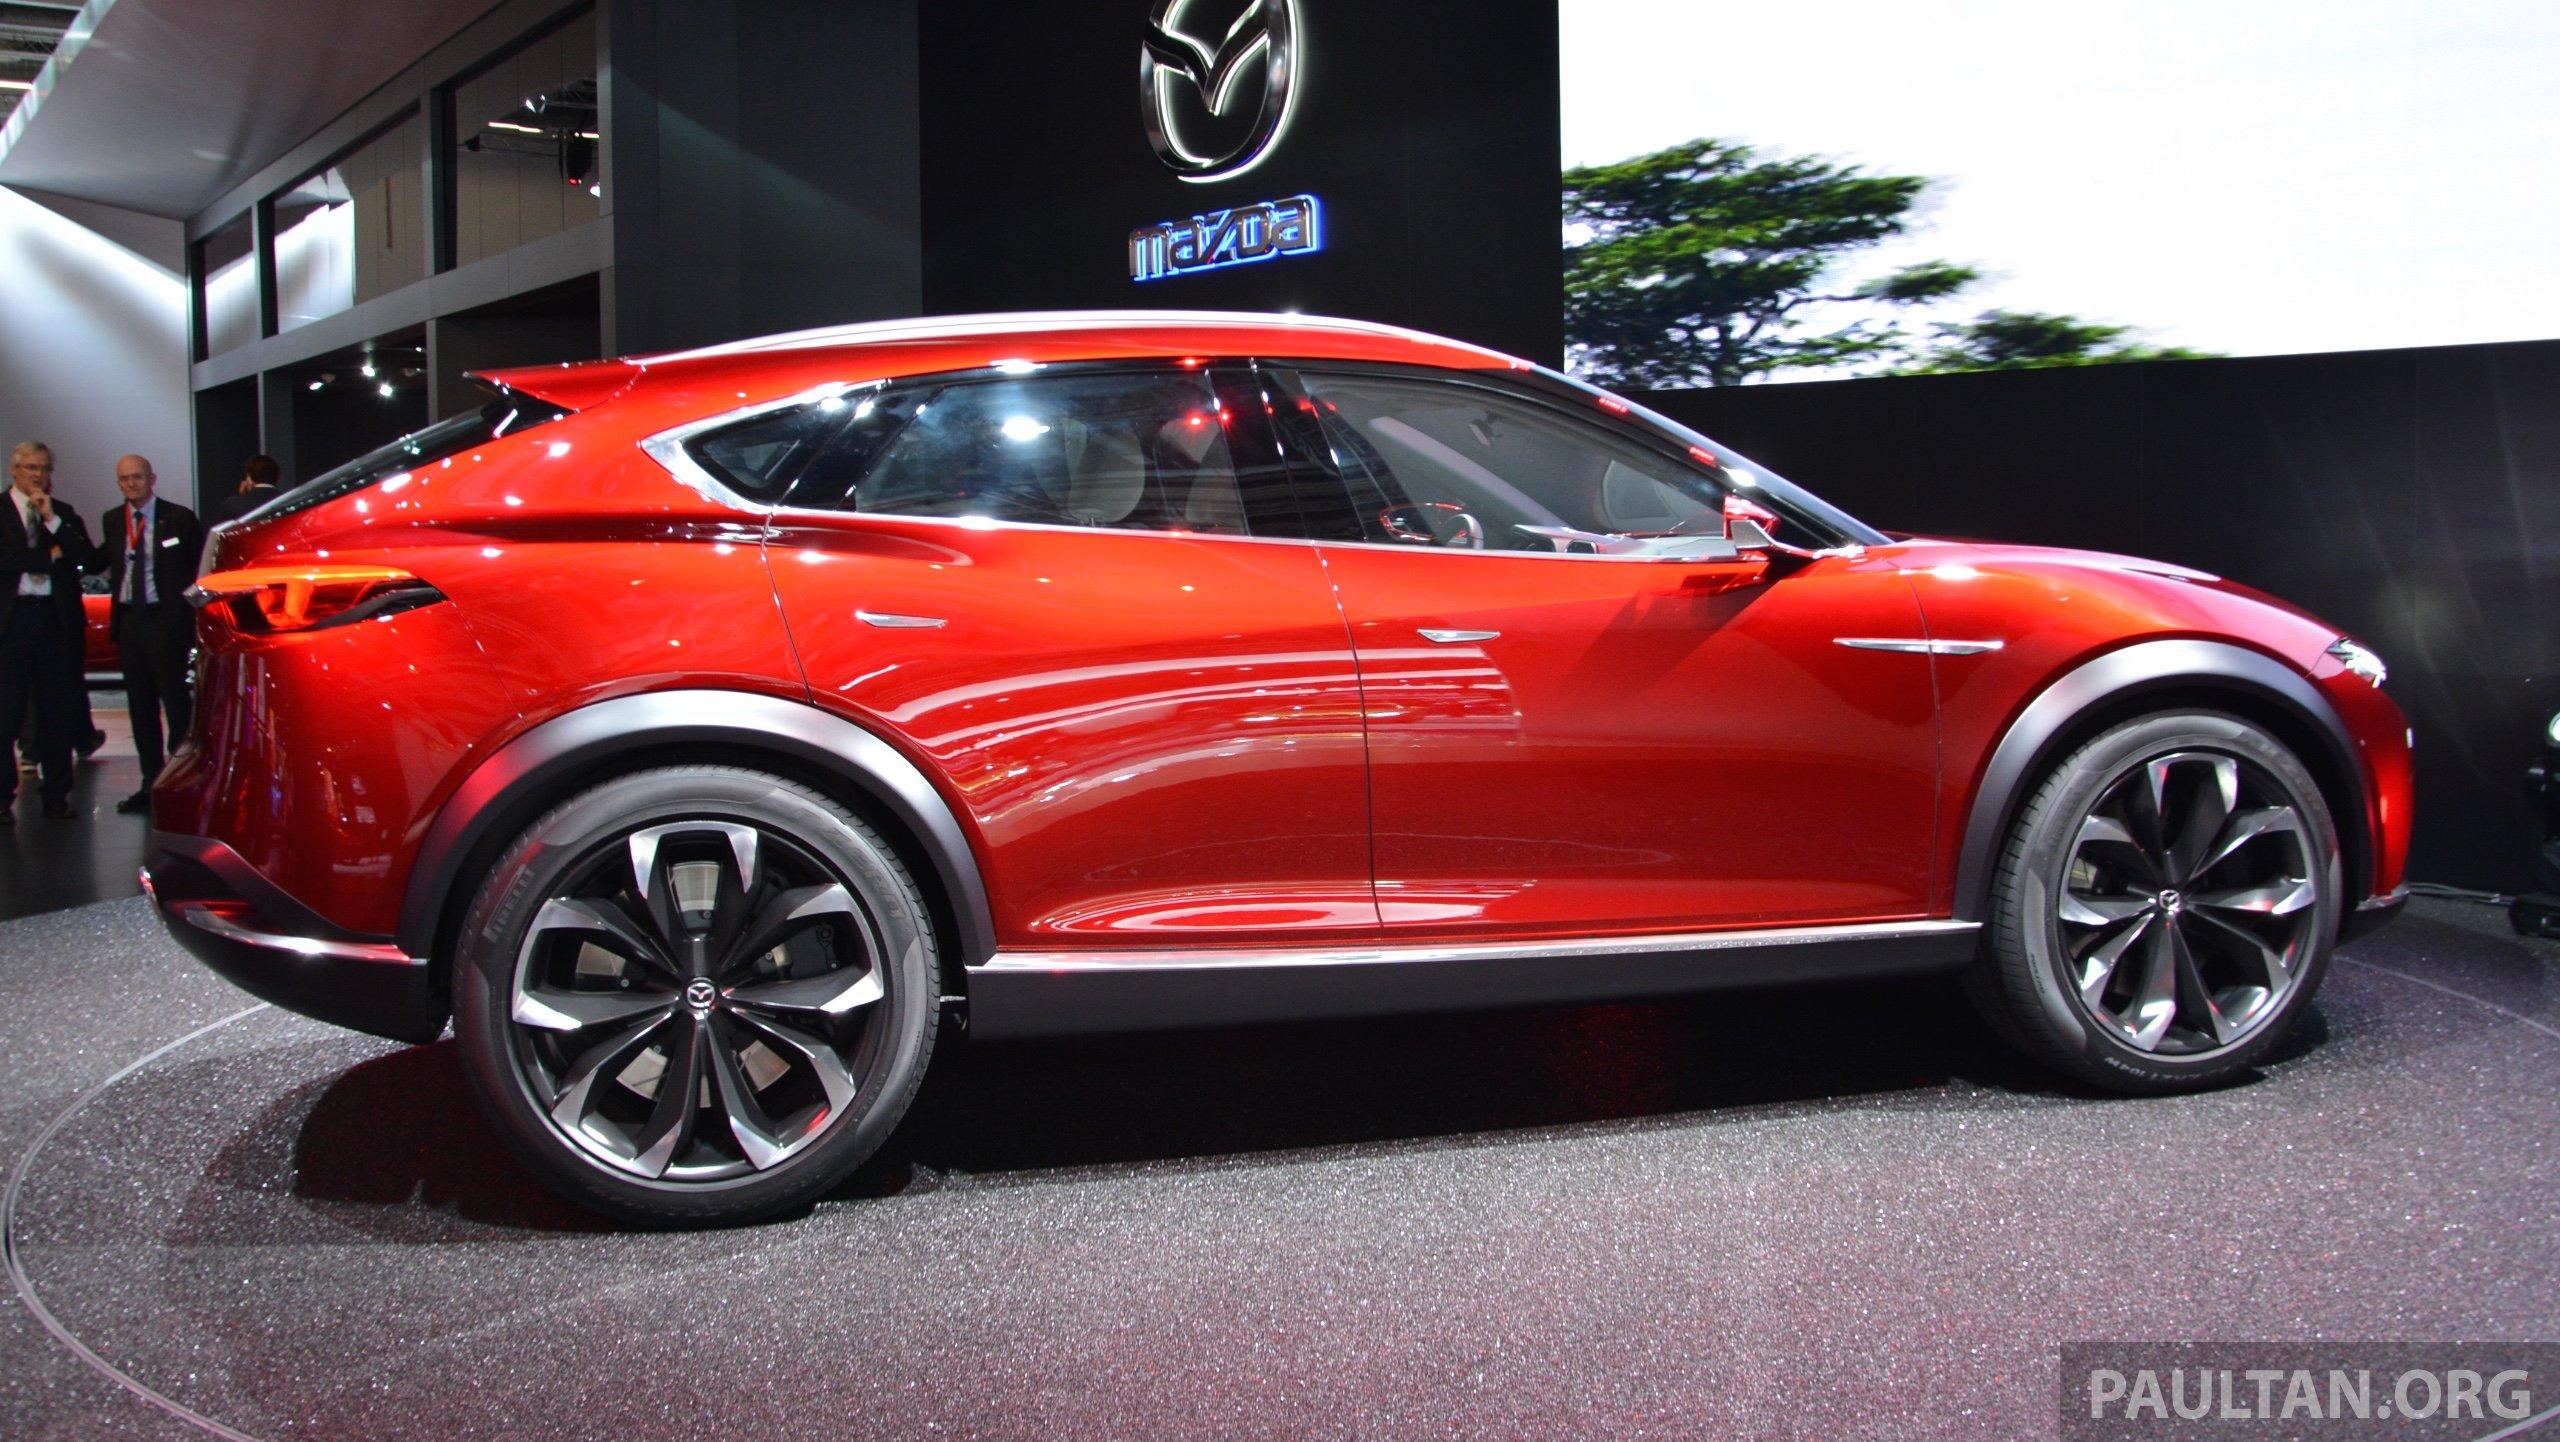 https://s3.paultan.org/image/2015/09/Mazda-Koeru-Frankfurt-4.jpg